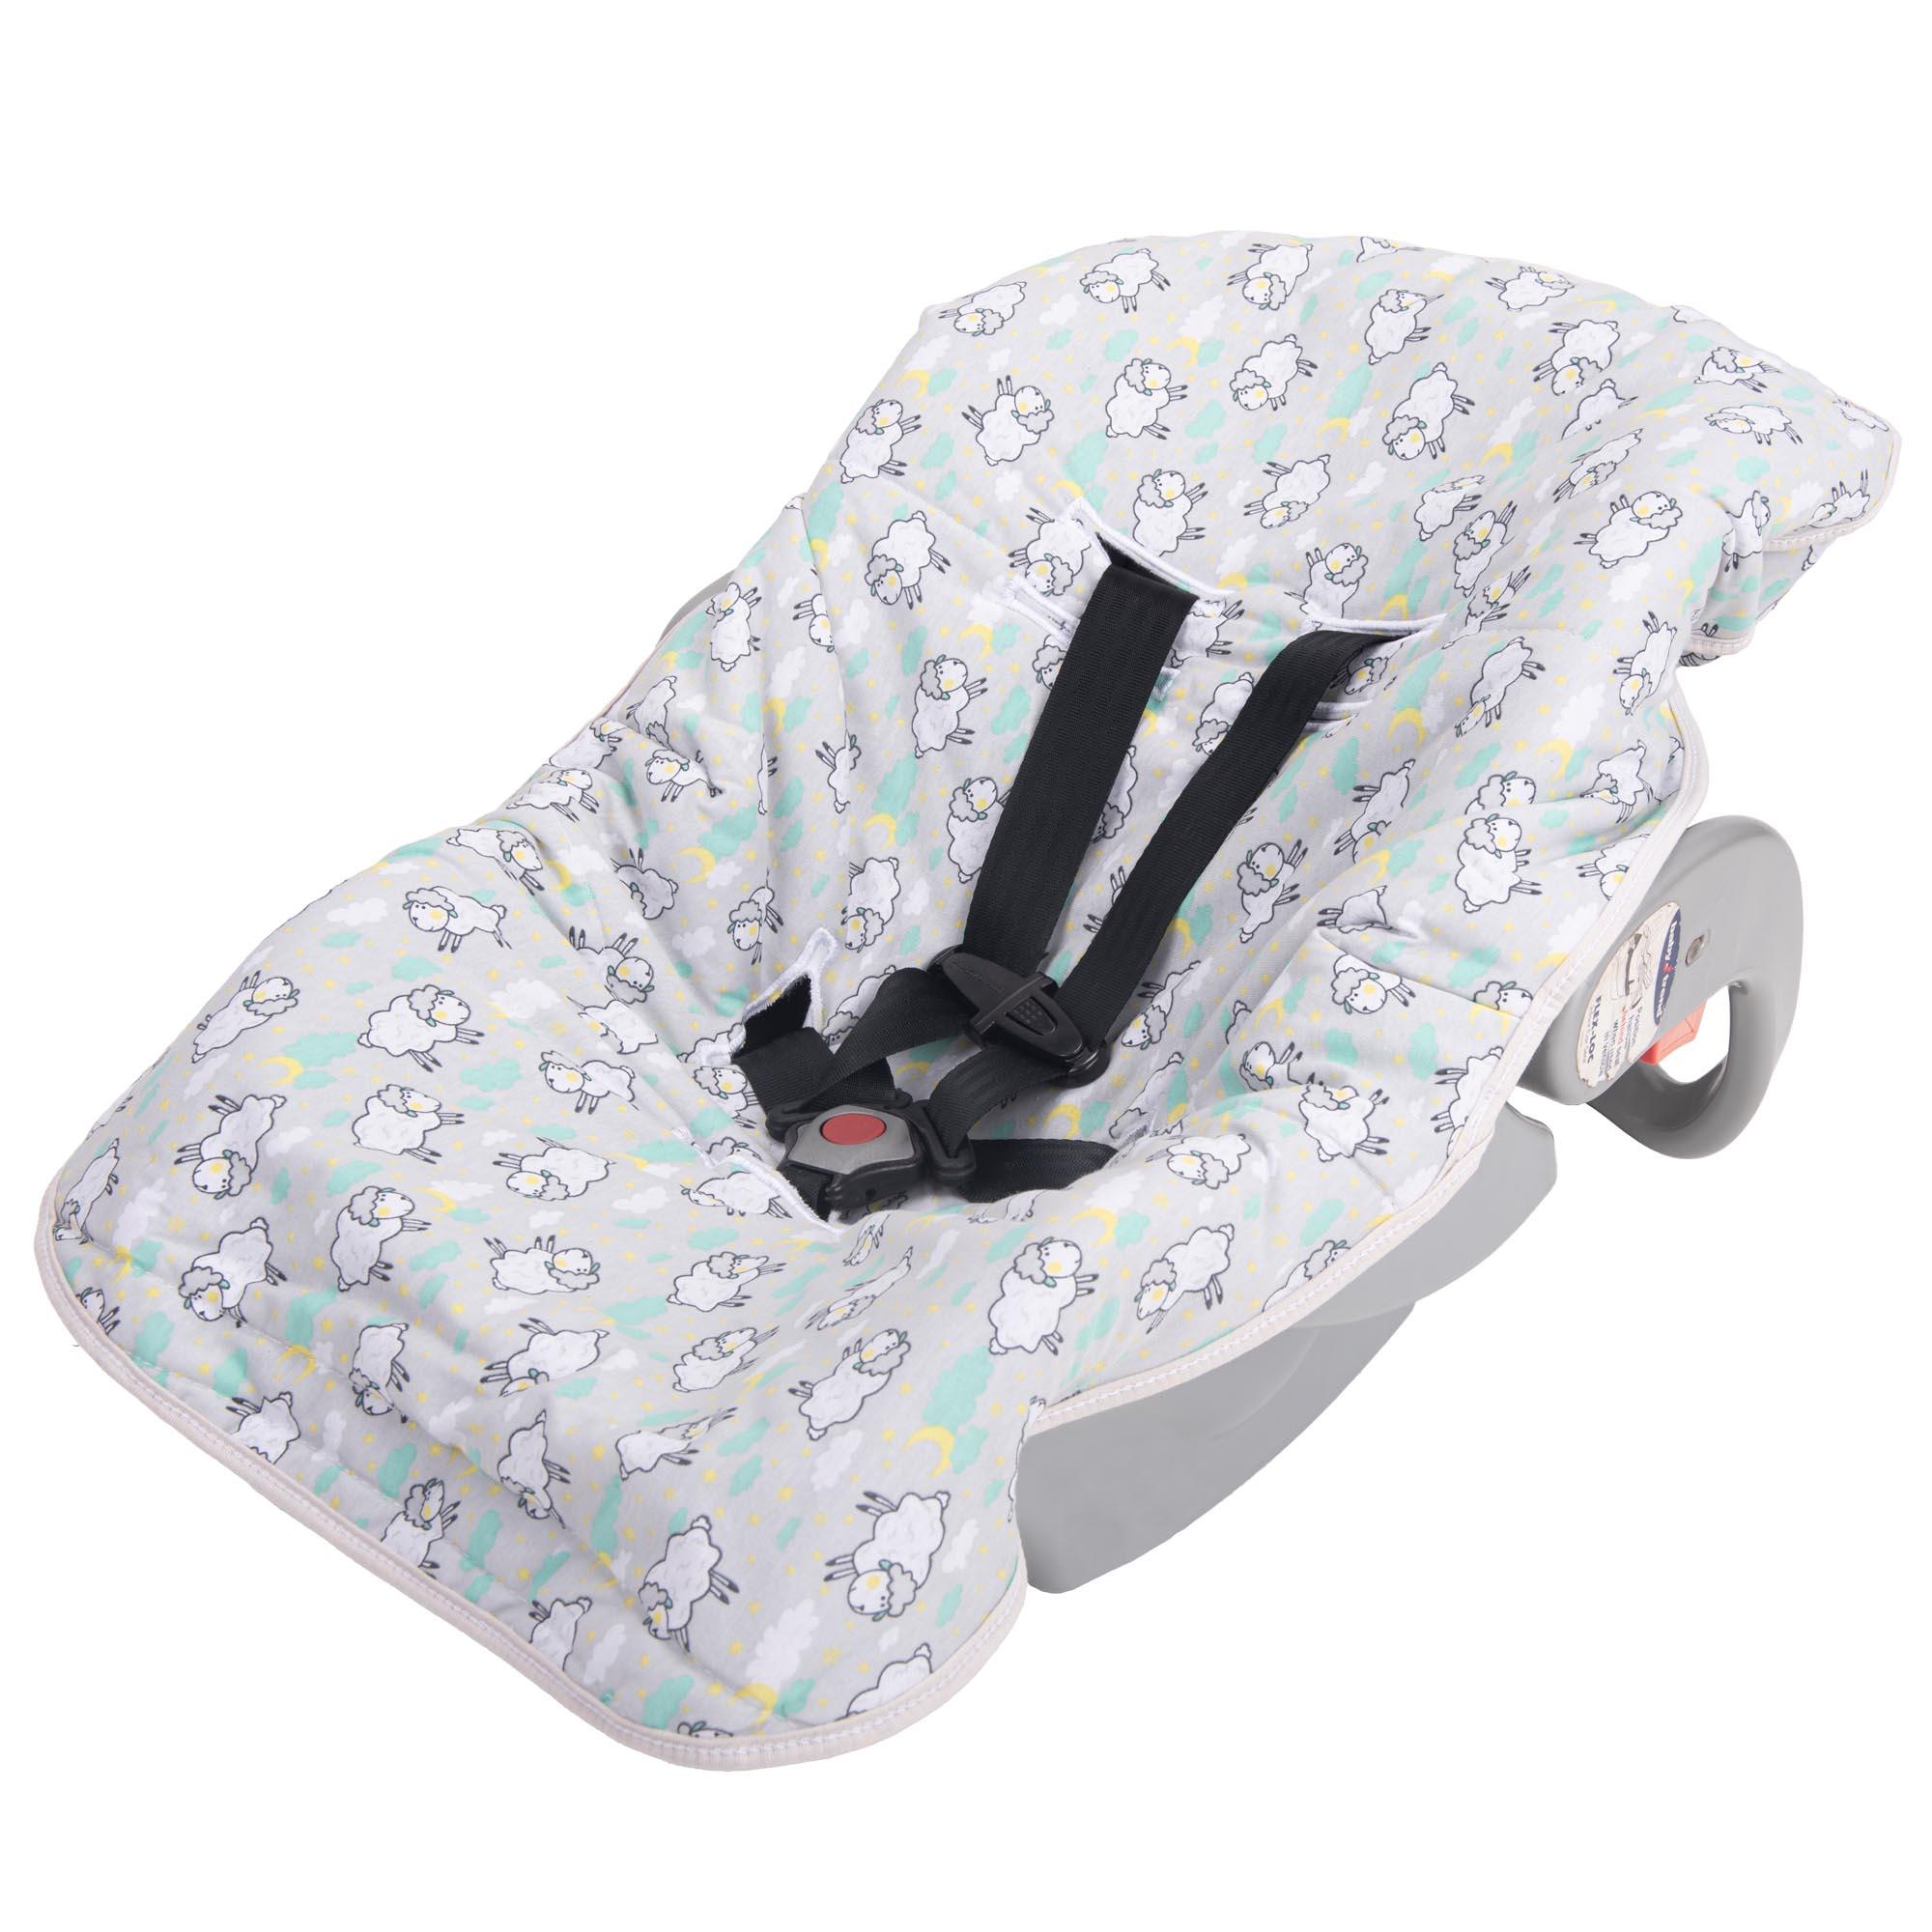 Capa para Bebê Conforto Incomfral Bambi Malhas - Ovelha Cinza